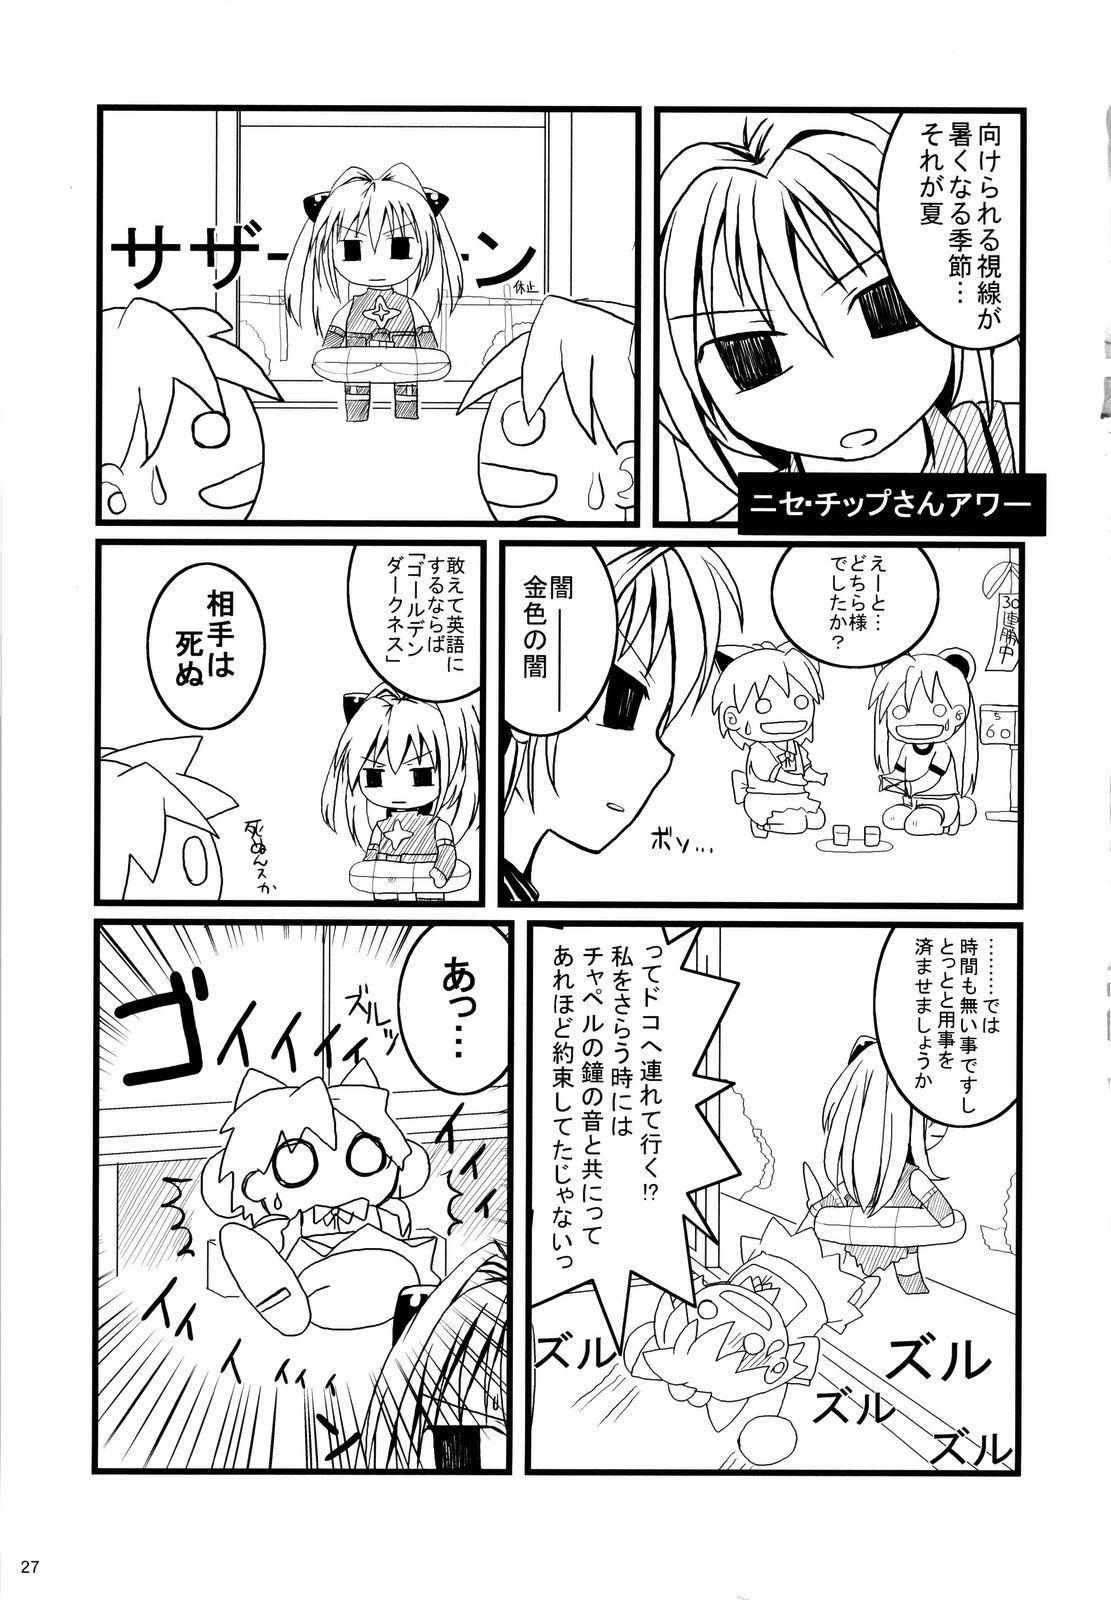 Ero ii wa Seigi 25